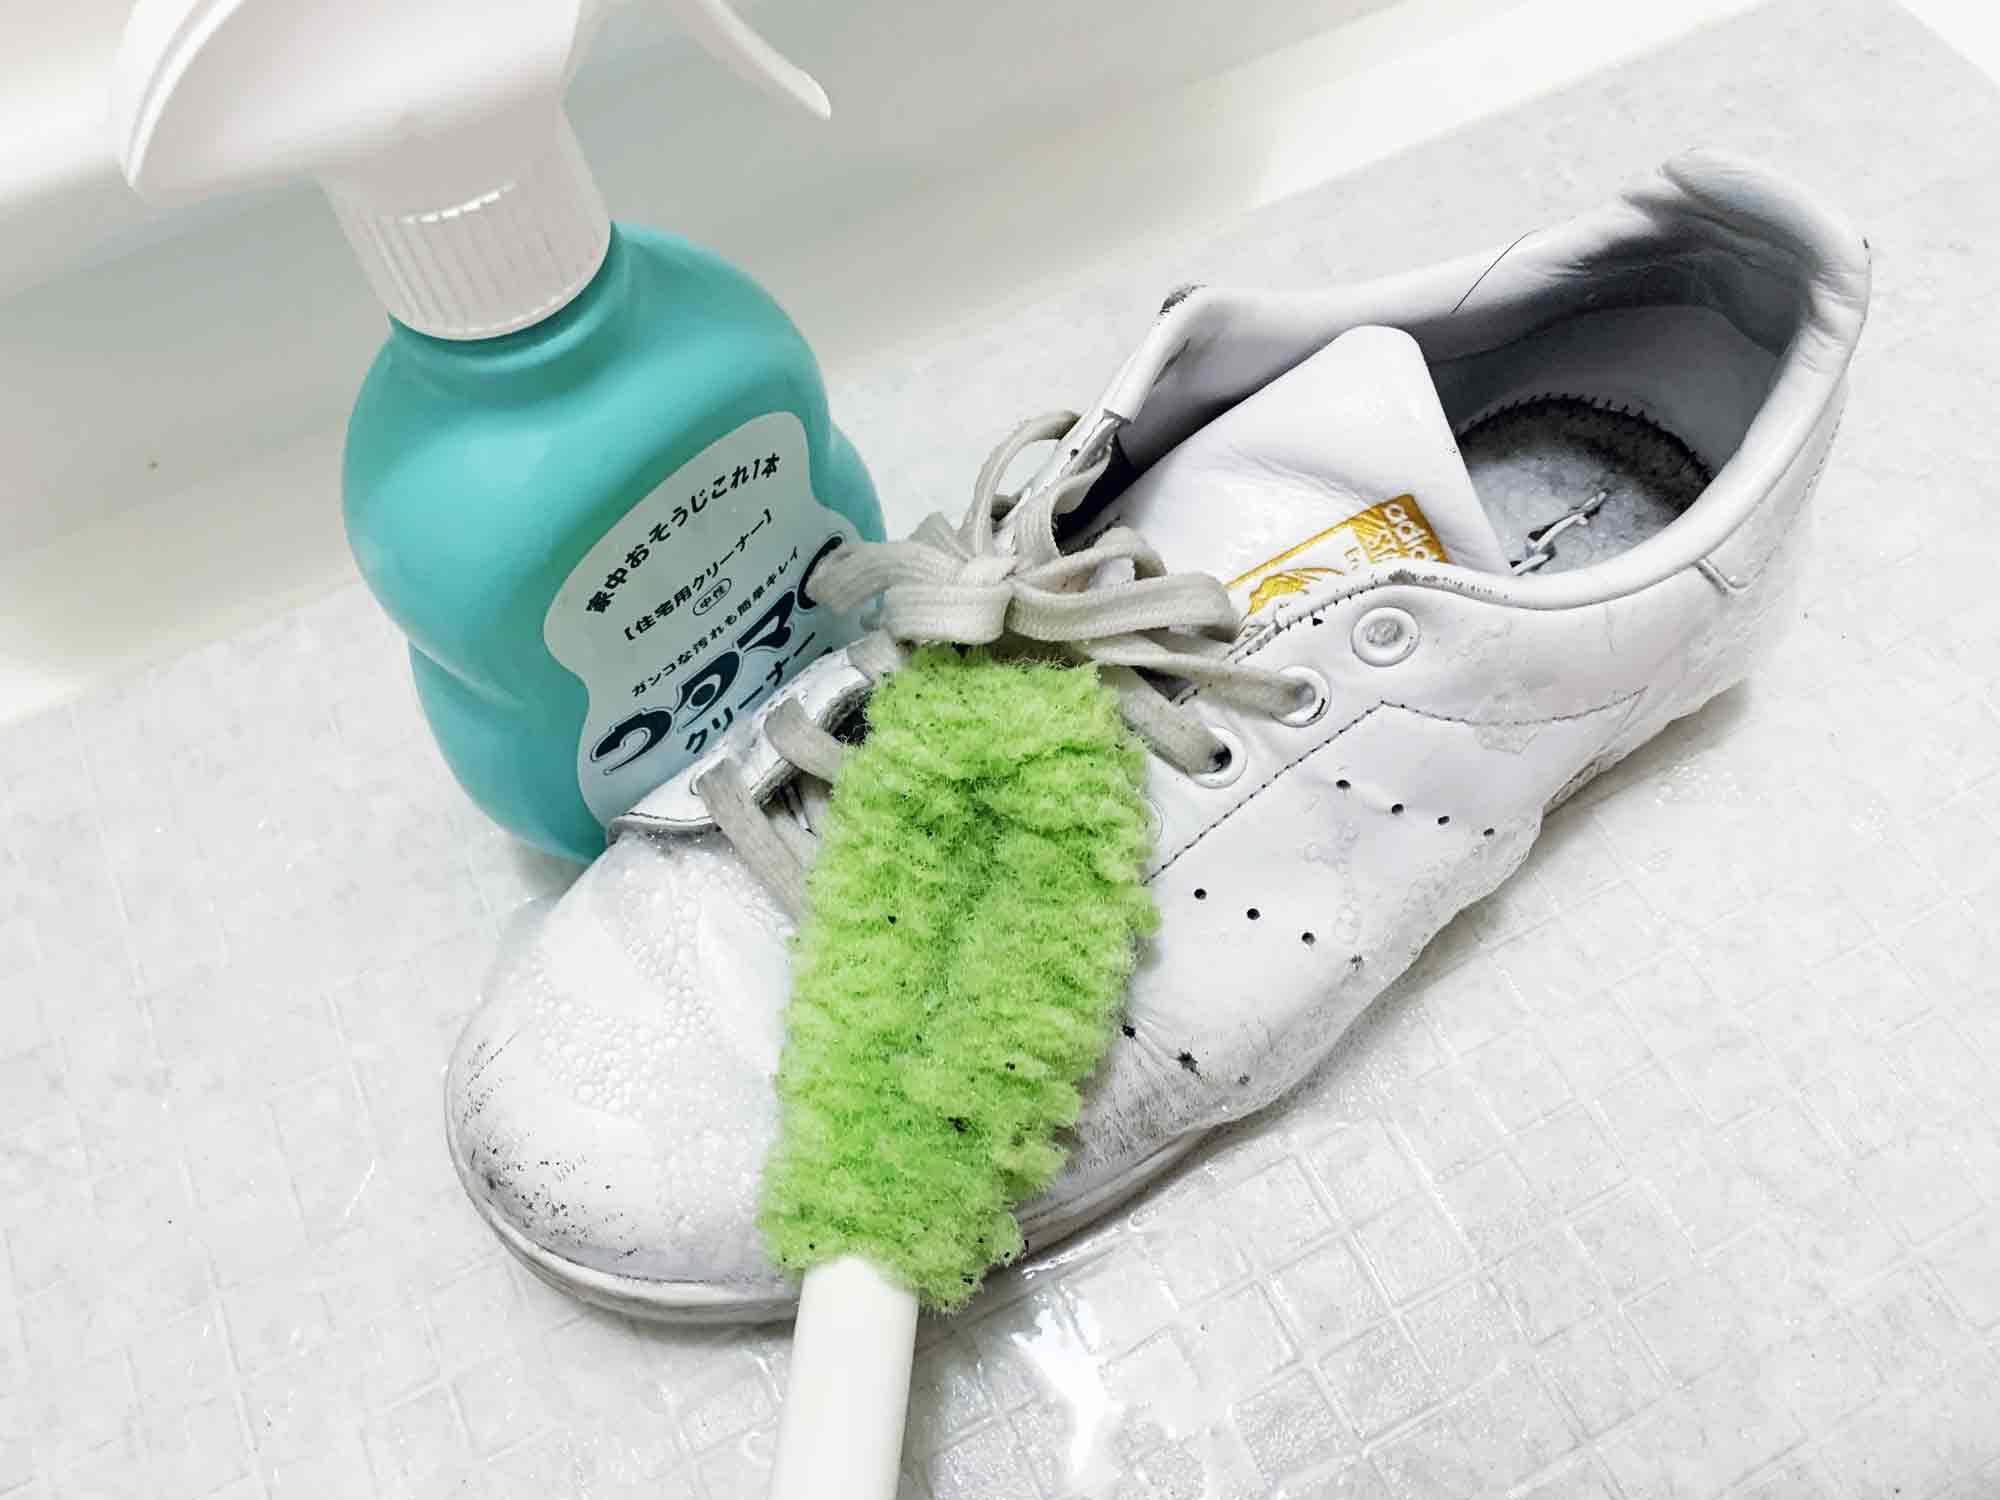 ウタマロクリーナーの泡を吹きかけて5分放置した後に柔らかめのブラシで洗っていくスタンスミス